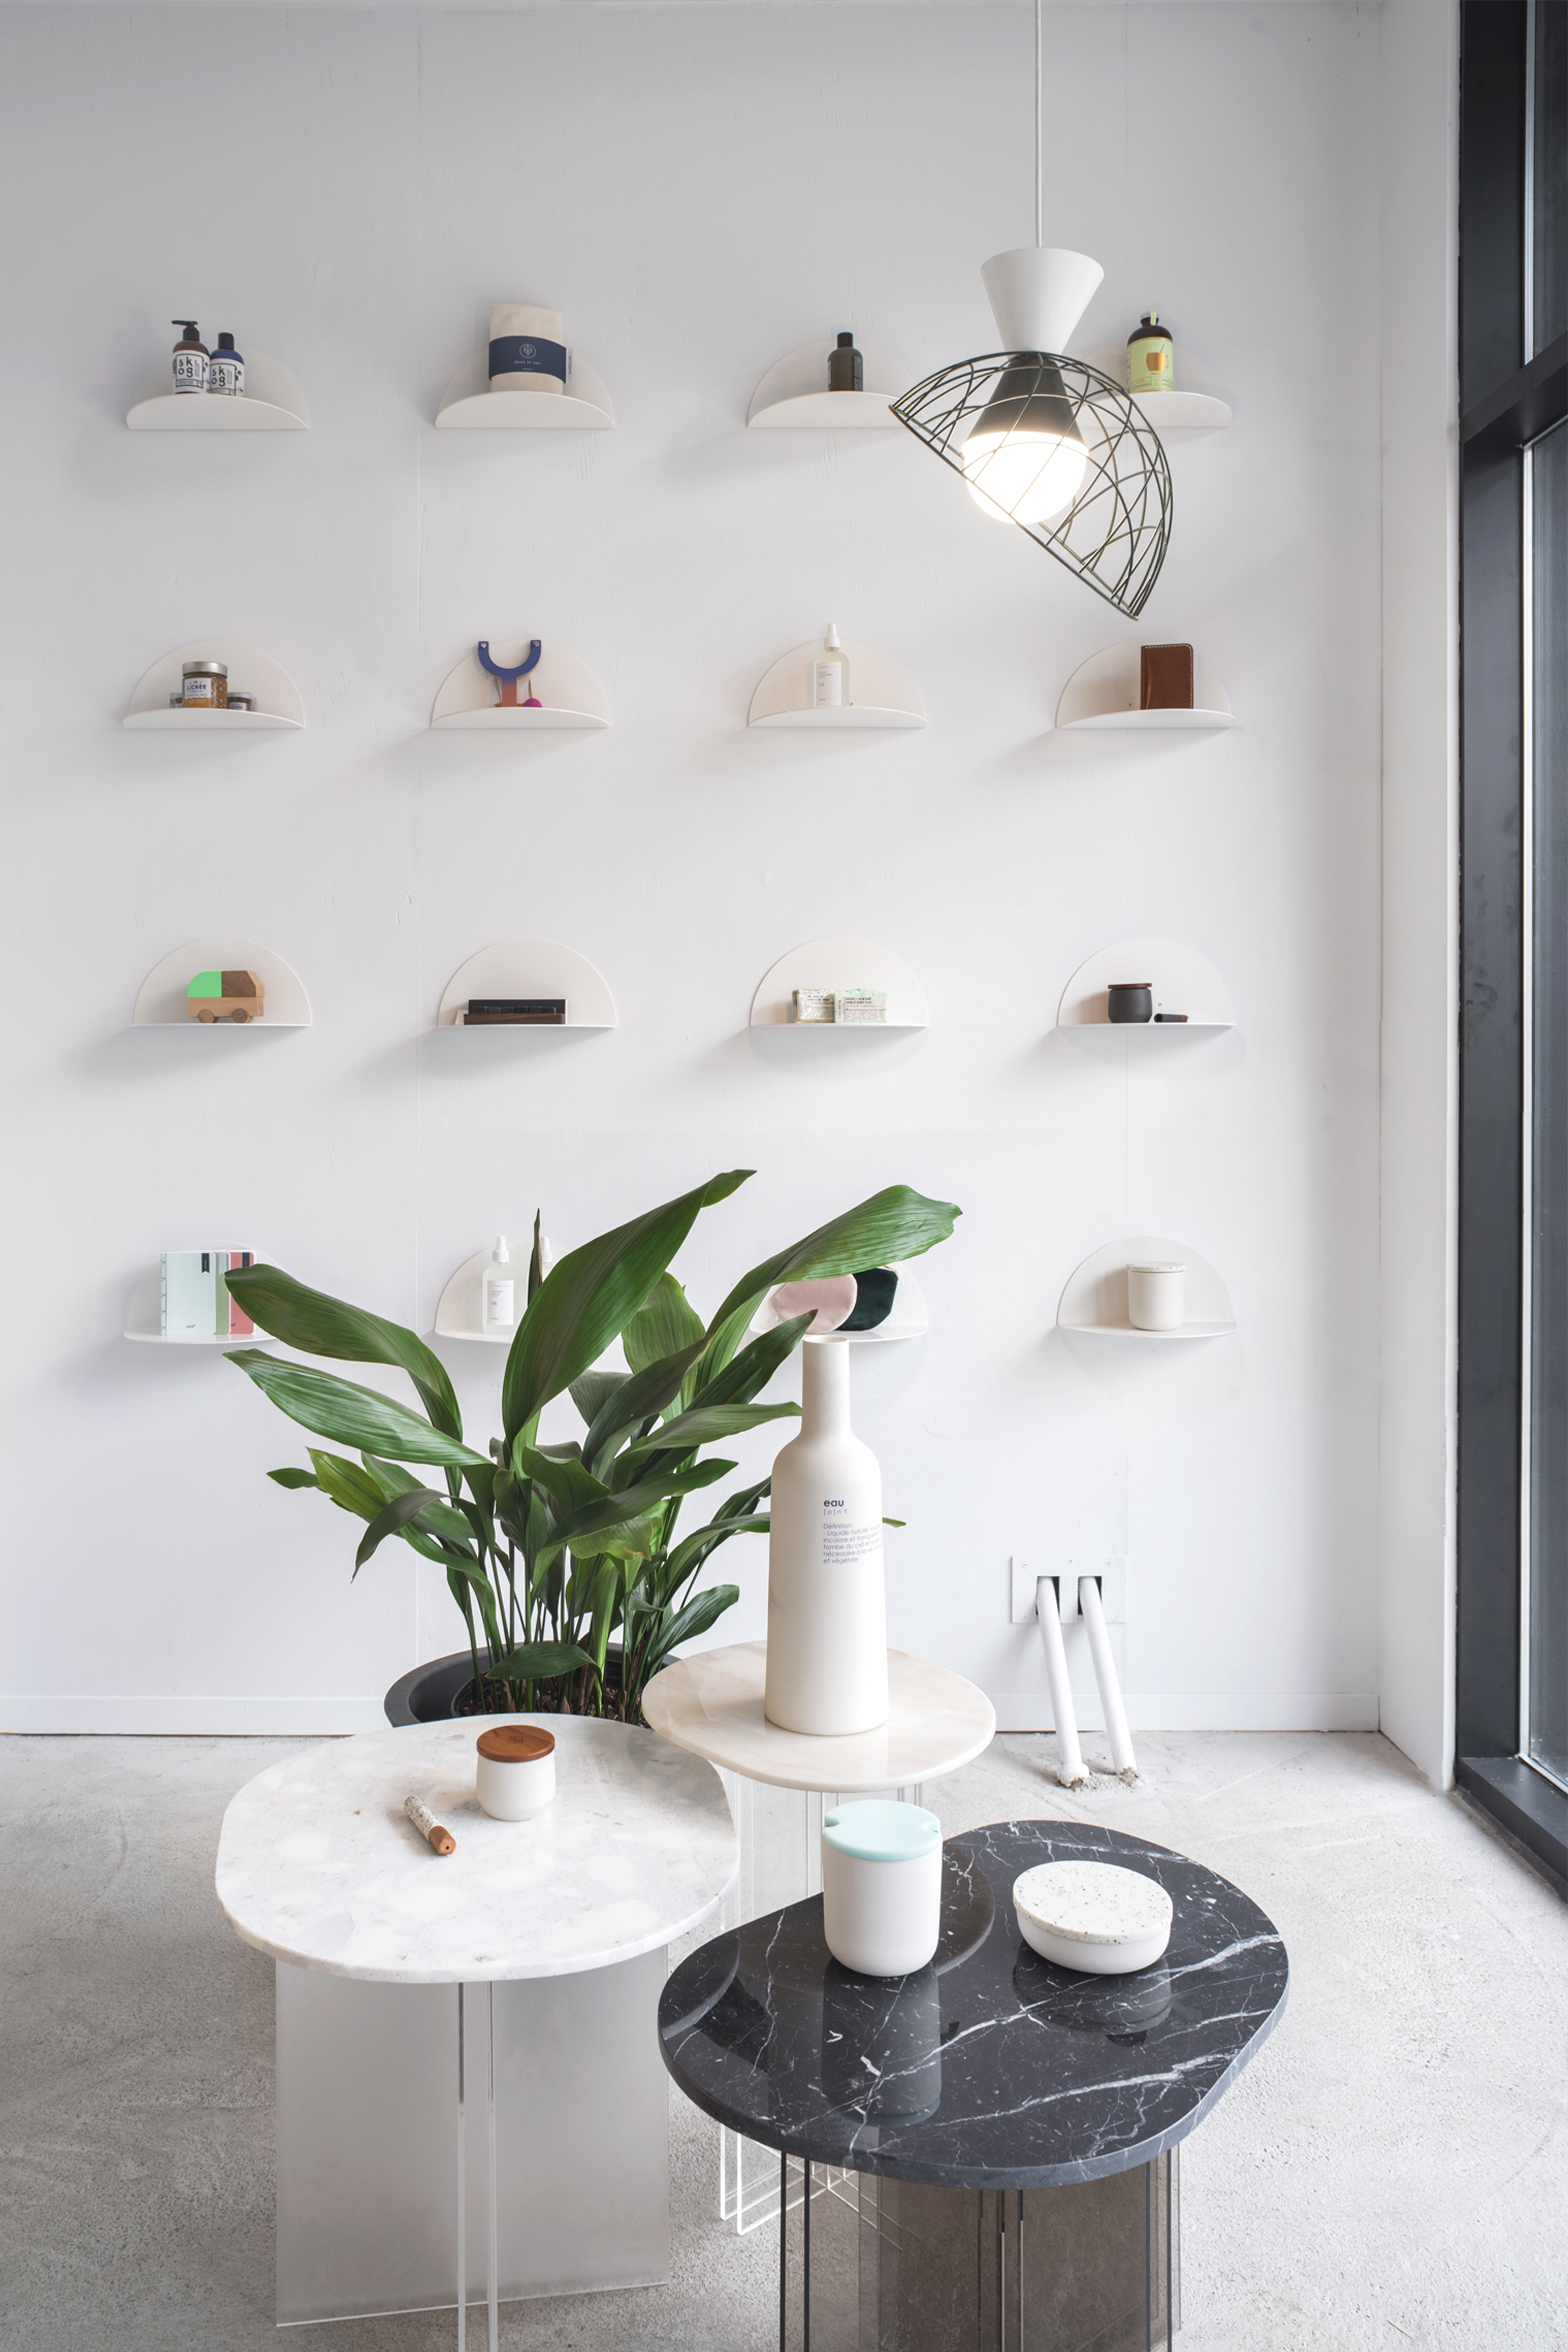 studio-botté_lamp_cest-beau_lighting_boutique_pendants_design.pdf_.jpg